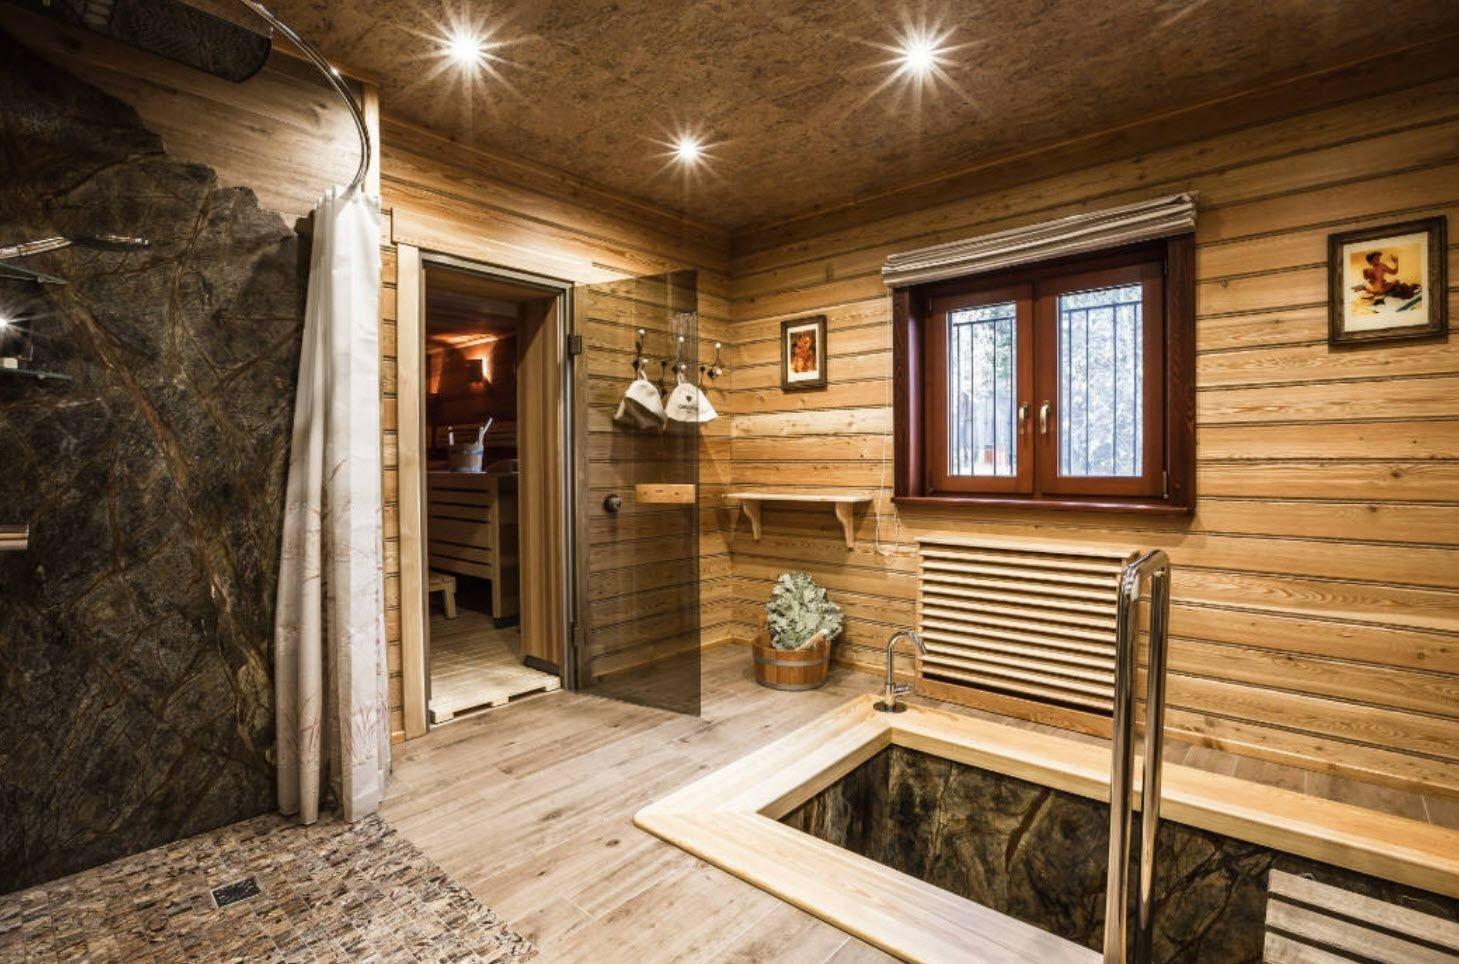 Интерьер бани внутри: особенности оформления